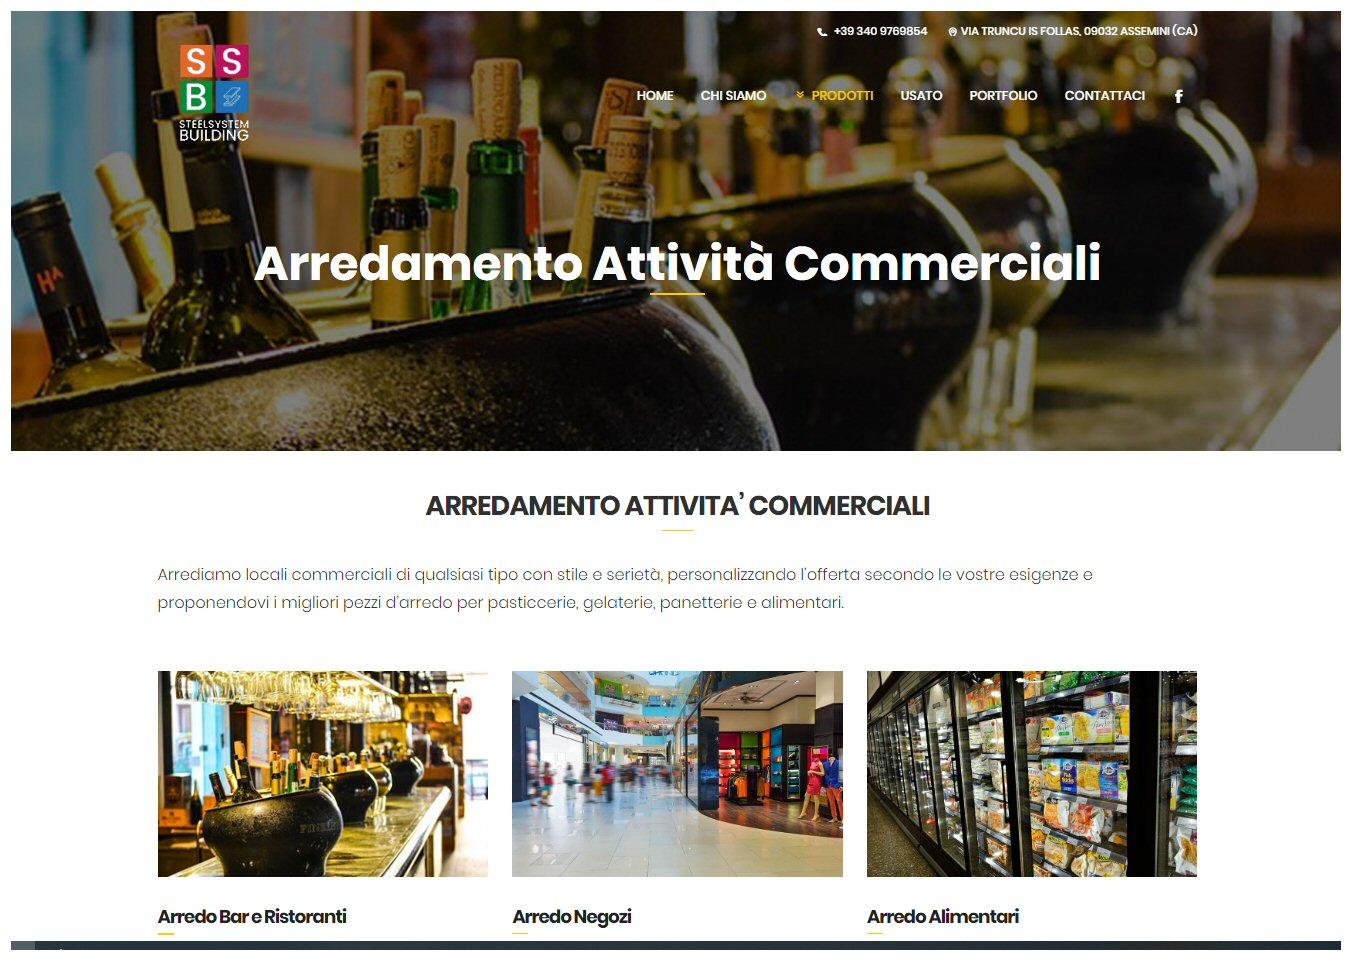 Negozi Mobili Cagliari E Provincia steelsystem building | allestimento negozi e arredamento